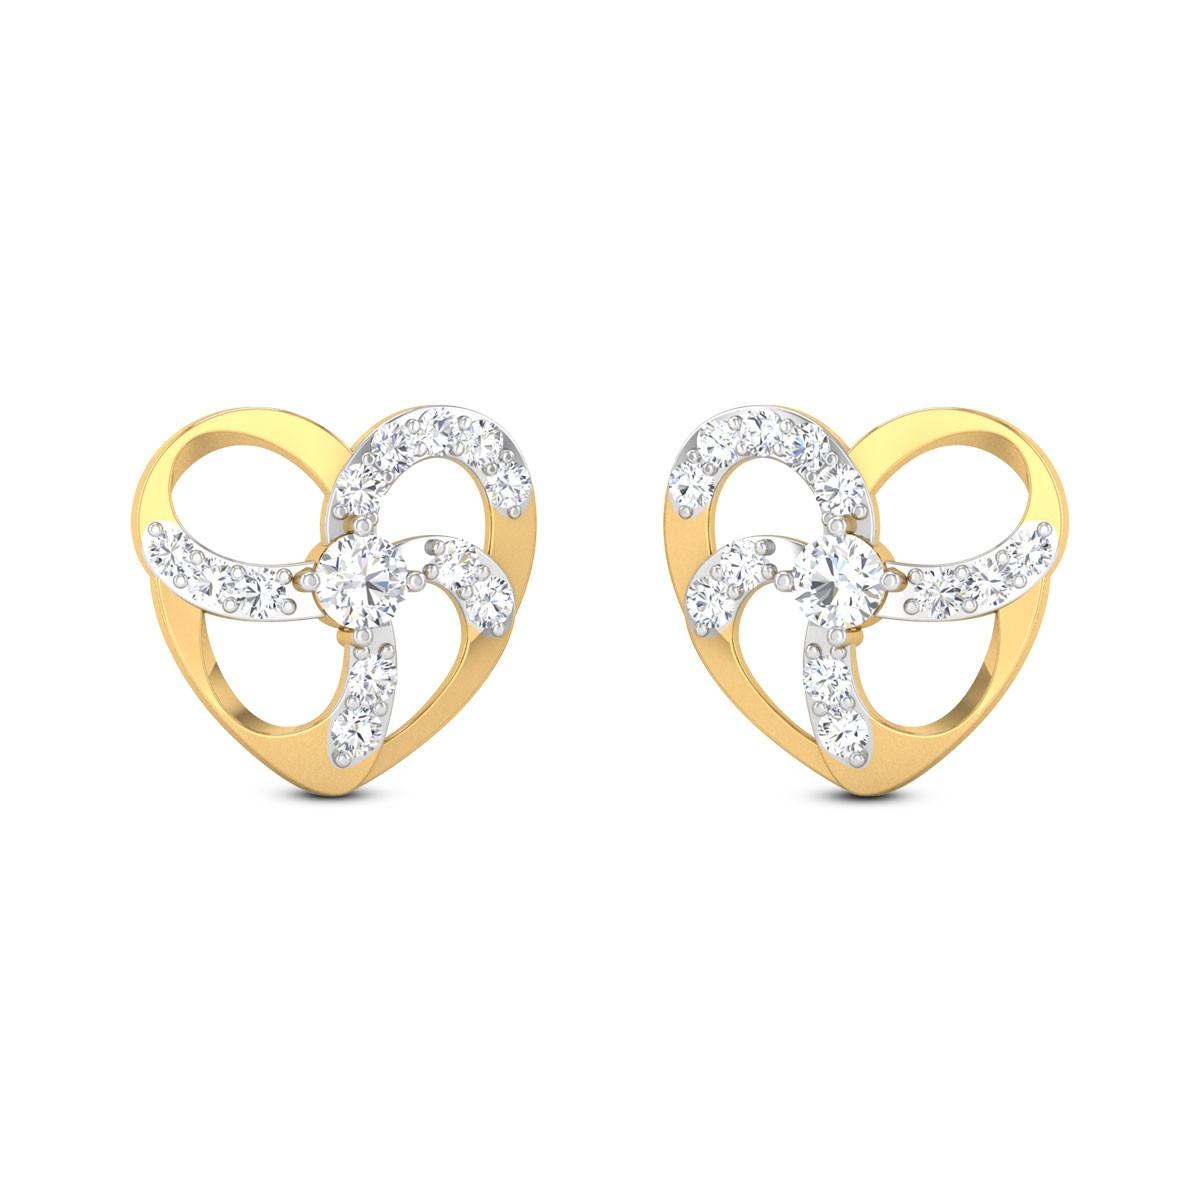 Elettra Heart Diamond Stud Earrings